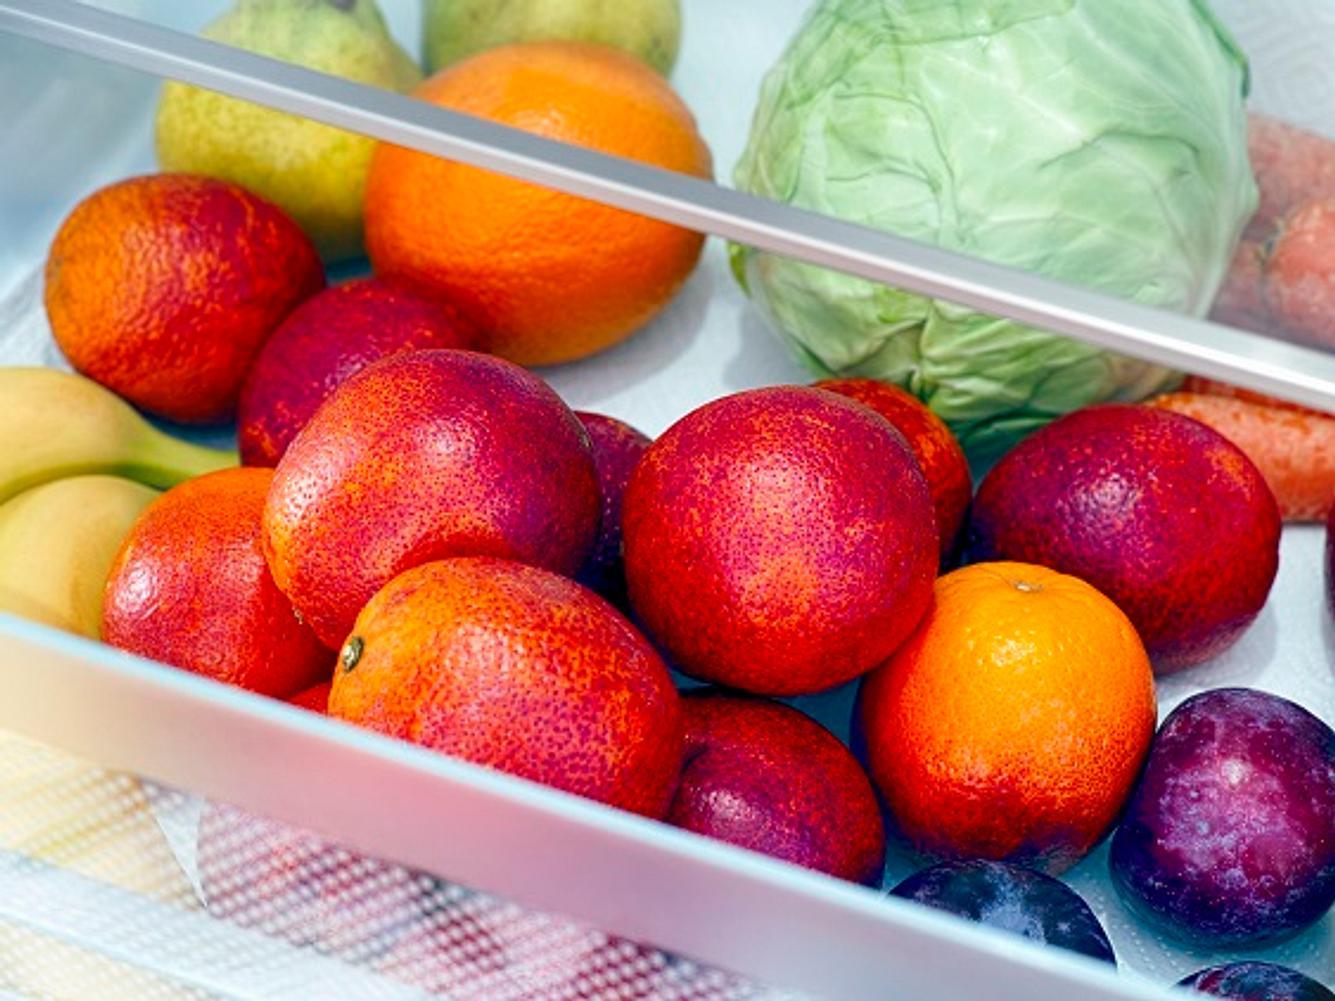 Kühlschrank Klemmschublade mit Gemüse und Obst